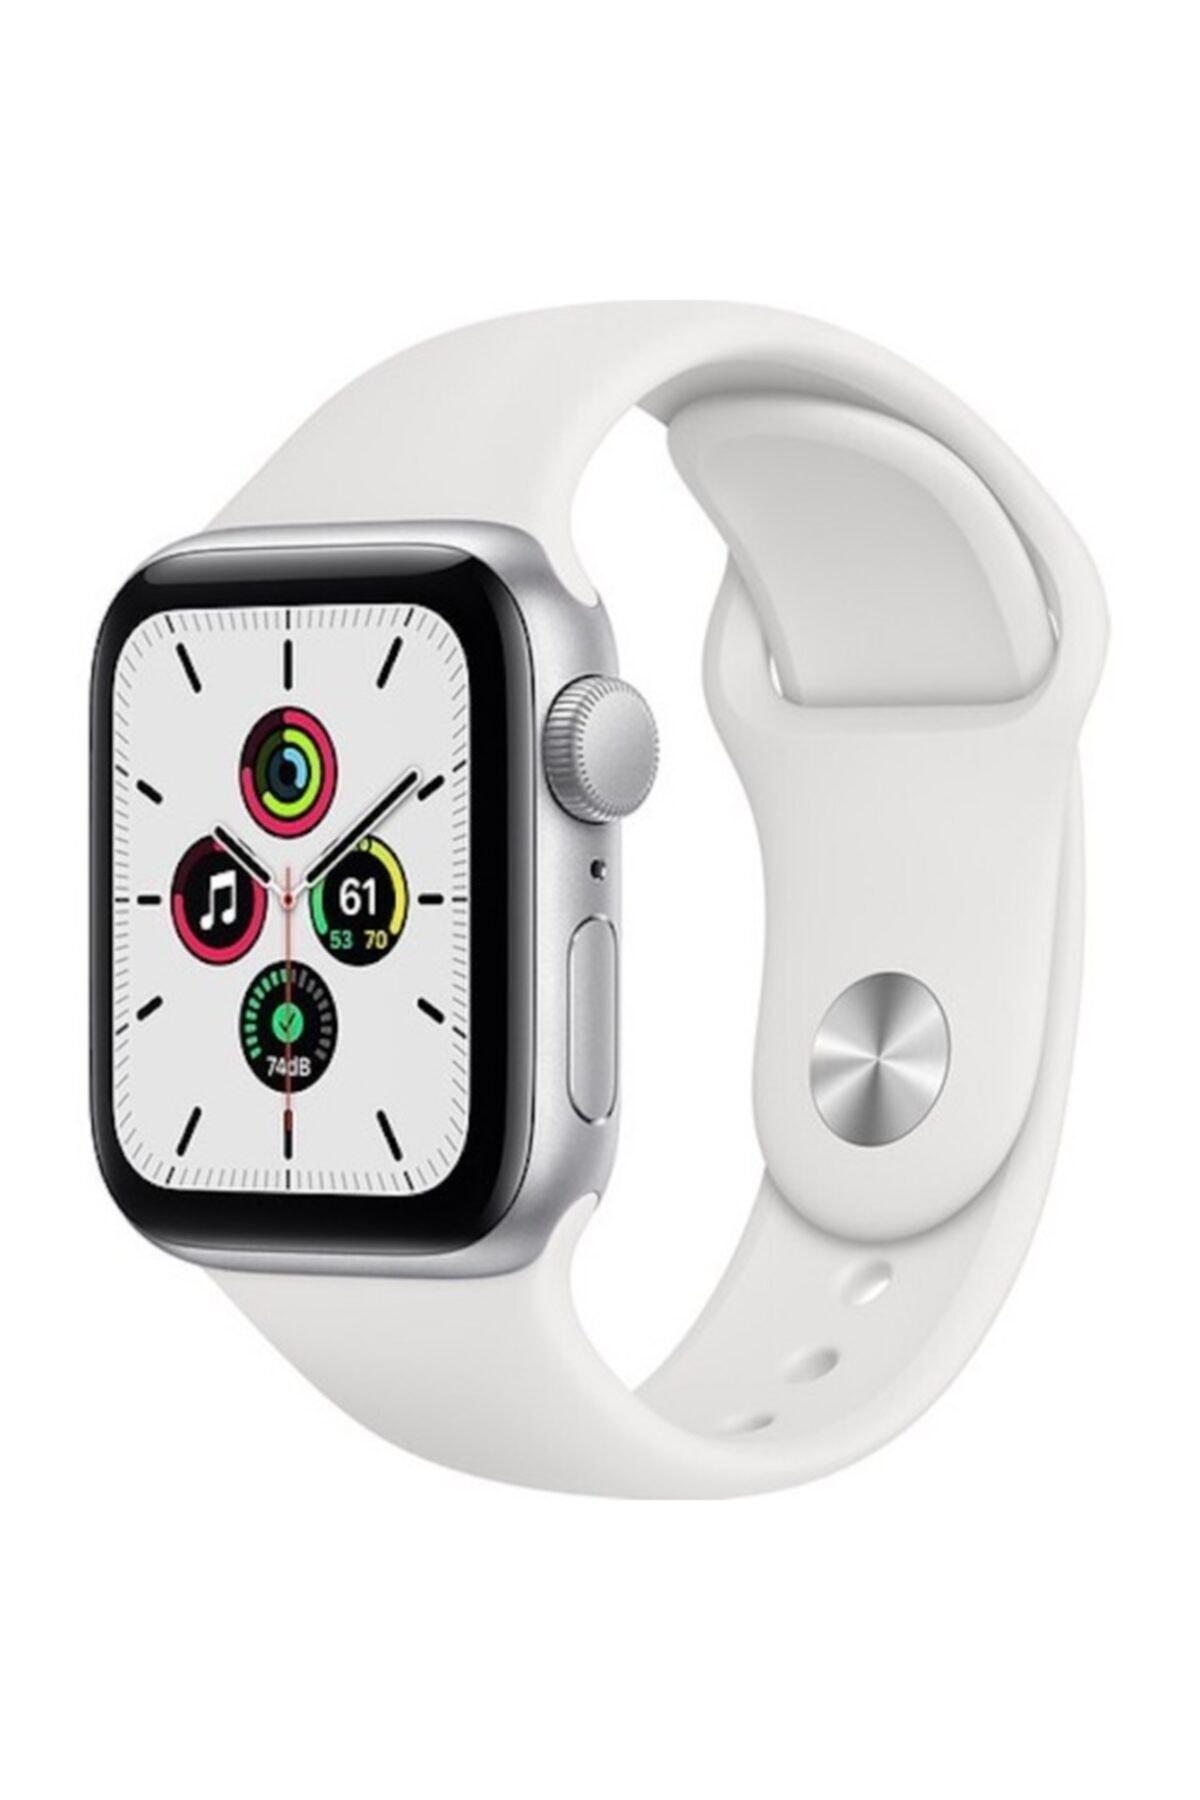 Apple Watch Se Gps 40 Mm Gümüş Rengi Alüminyum Kasa Ve Beyaz Spor Kordon 1